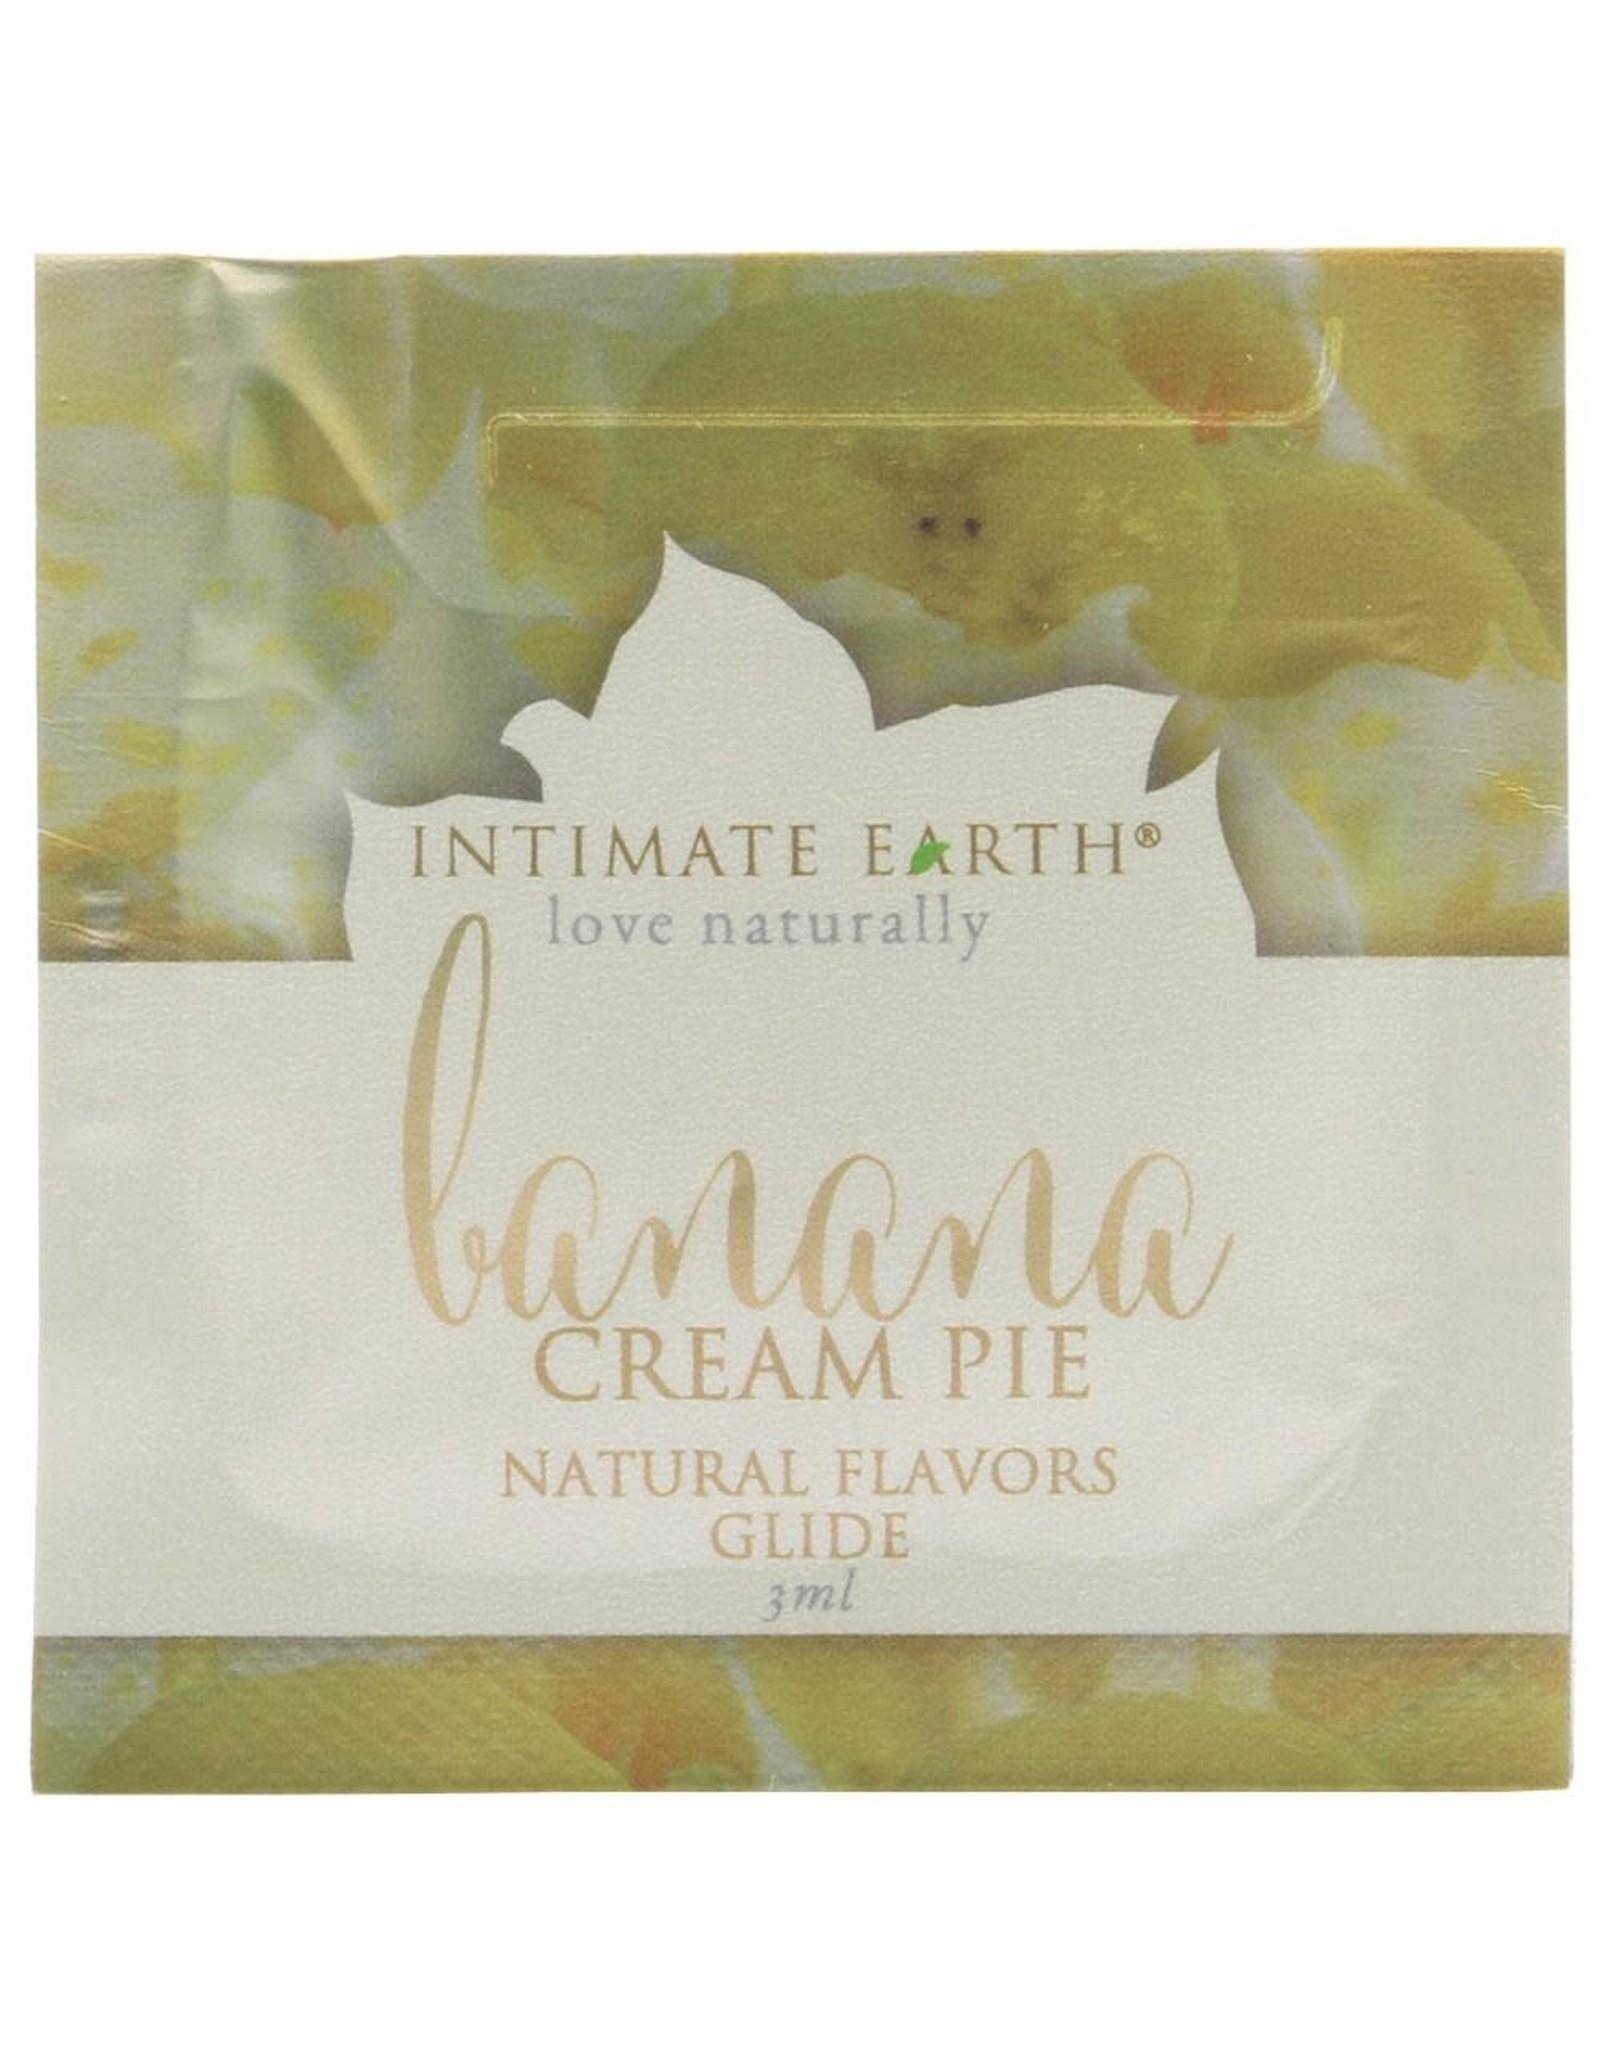 INTIMATE EARTH - ORAL PLEASURE GLIDE - BANANA CREAM PIE - 3 ml